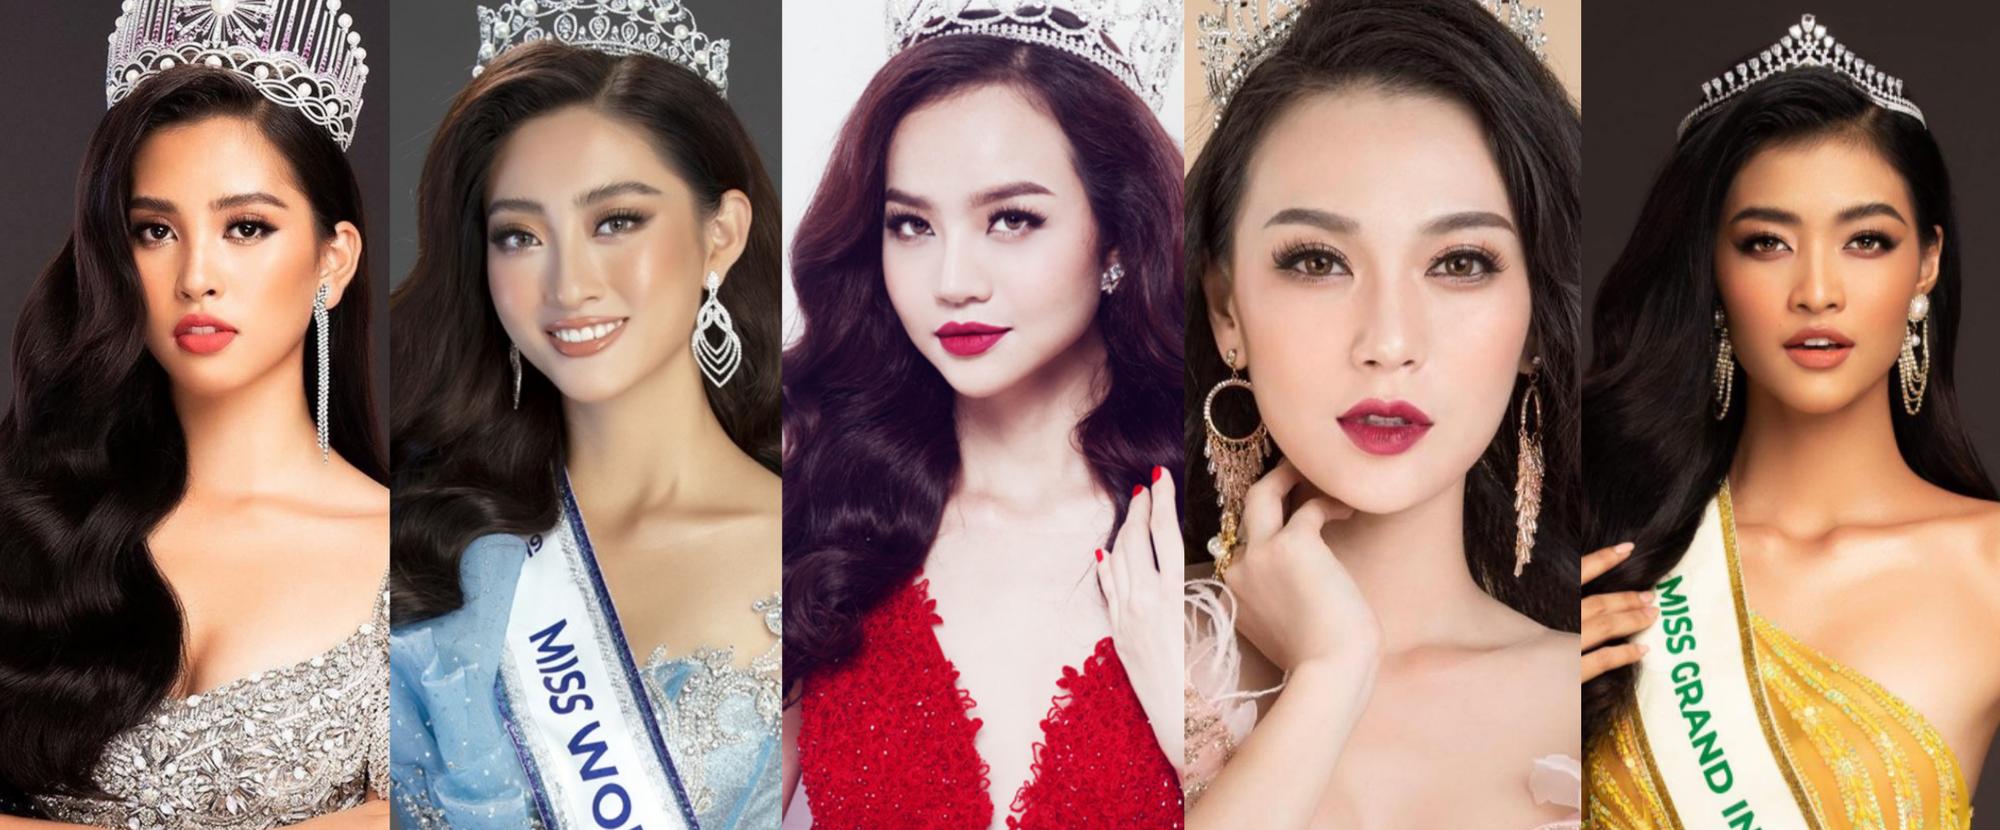 """Show thời trang """"Cổ tích hiện đại"""" với sự xuất hiện của Hoa hậu Trần Tiểu Vy, Miss World Lương Thùy Linh - Ảnh 1."""